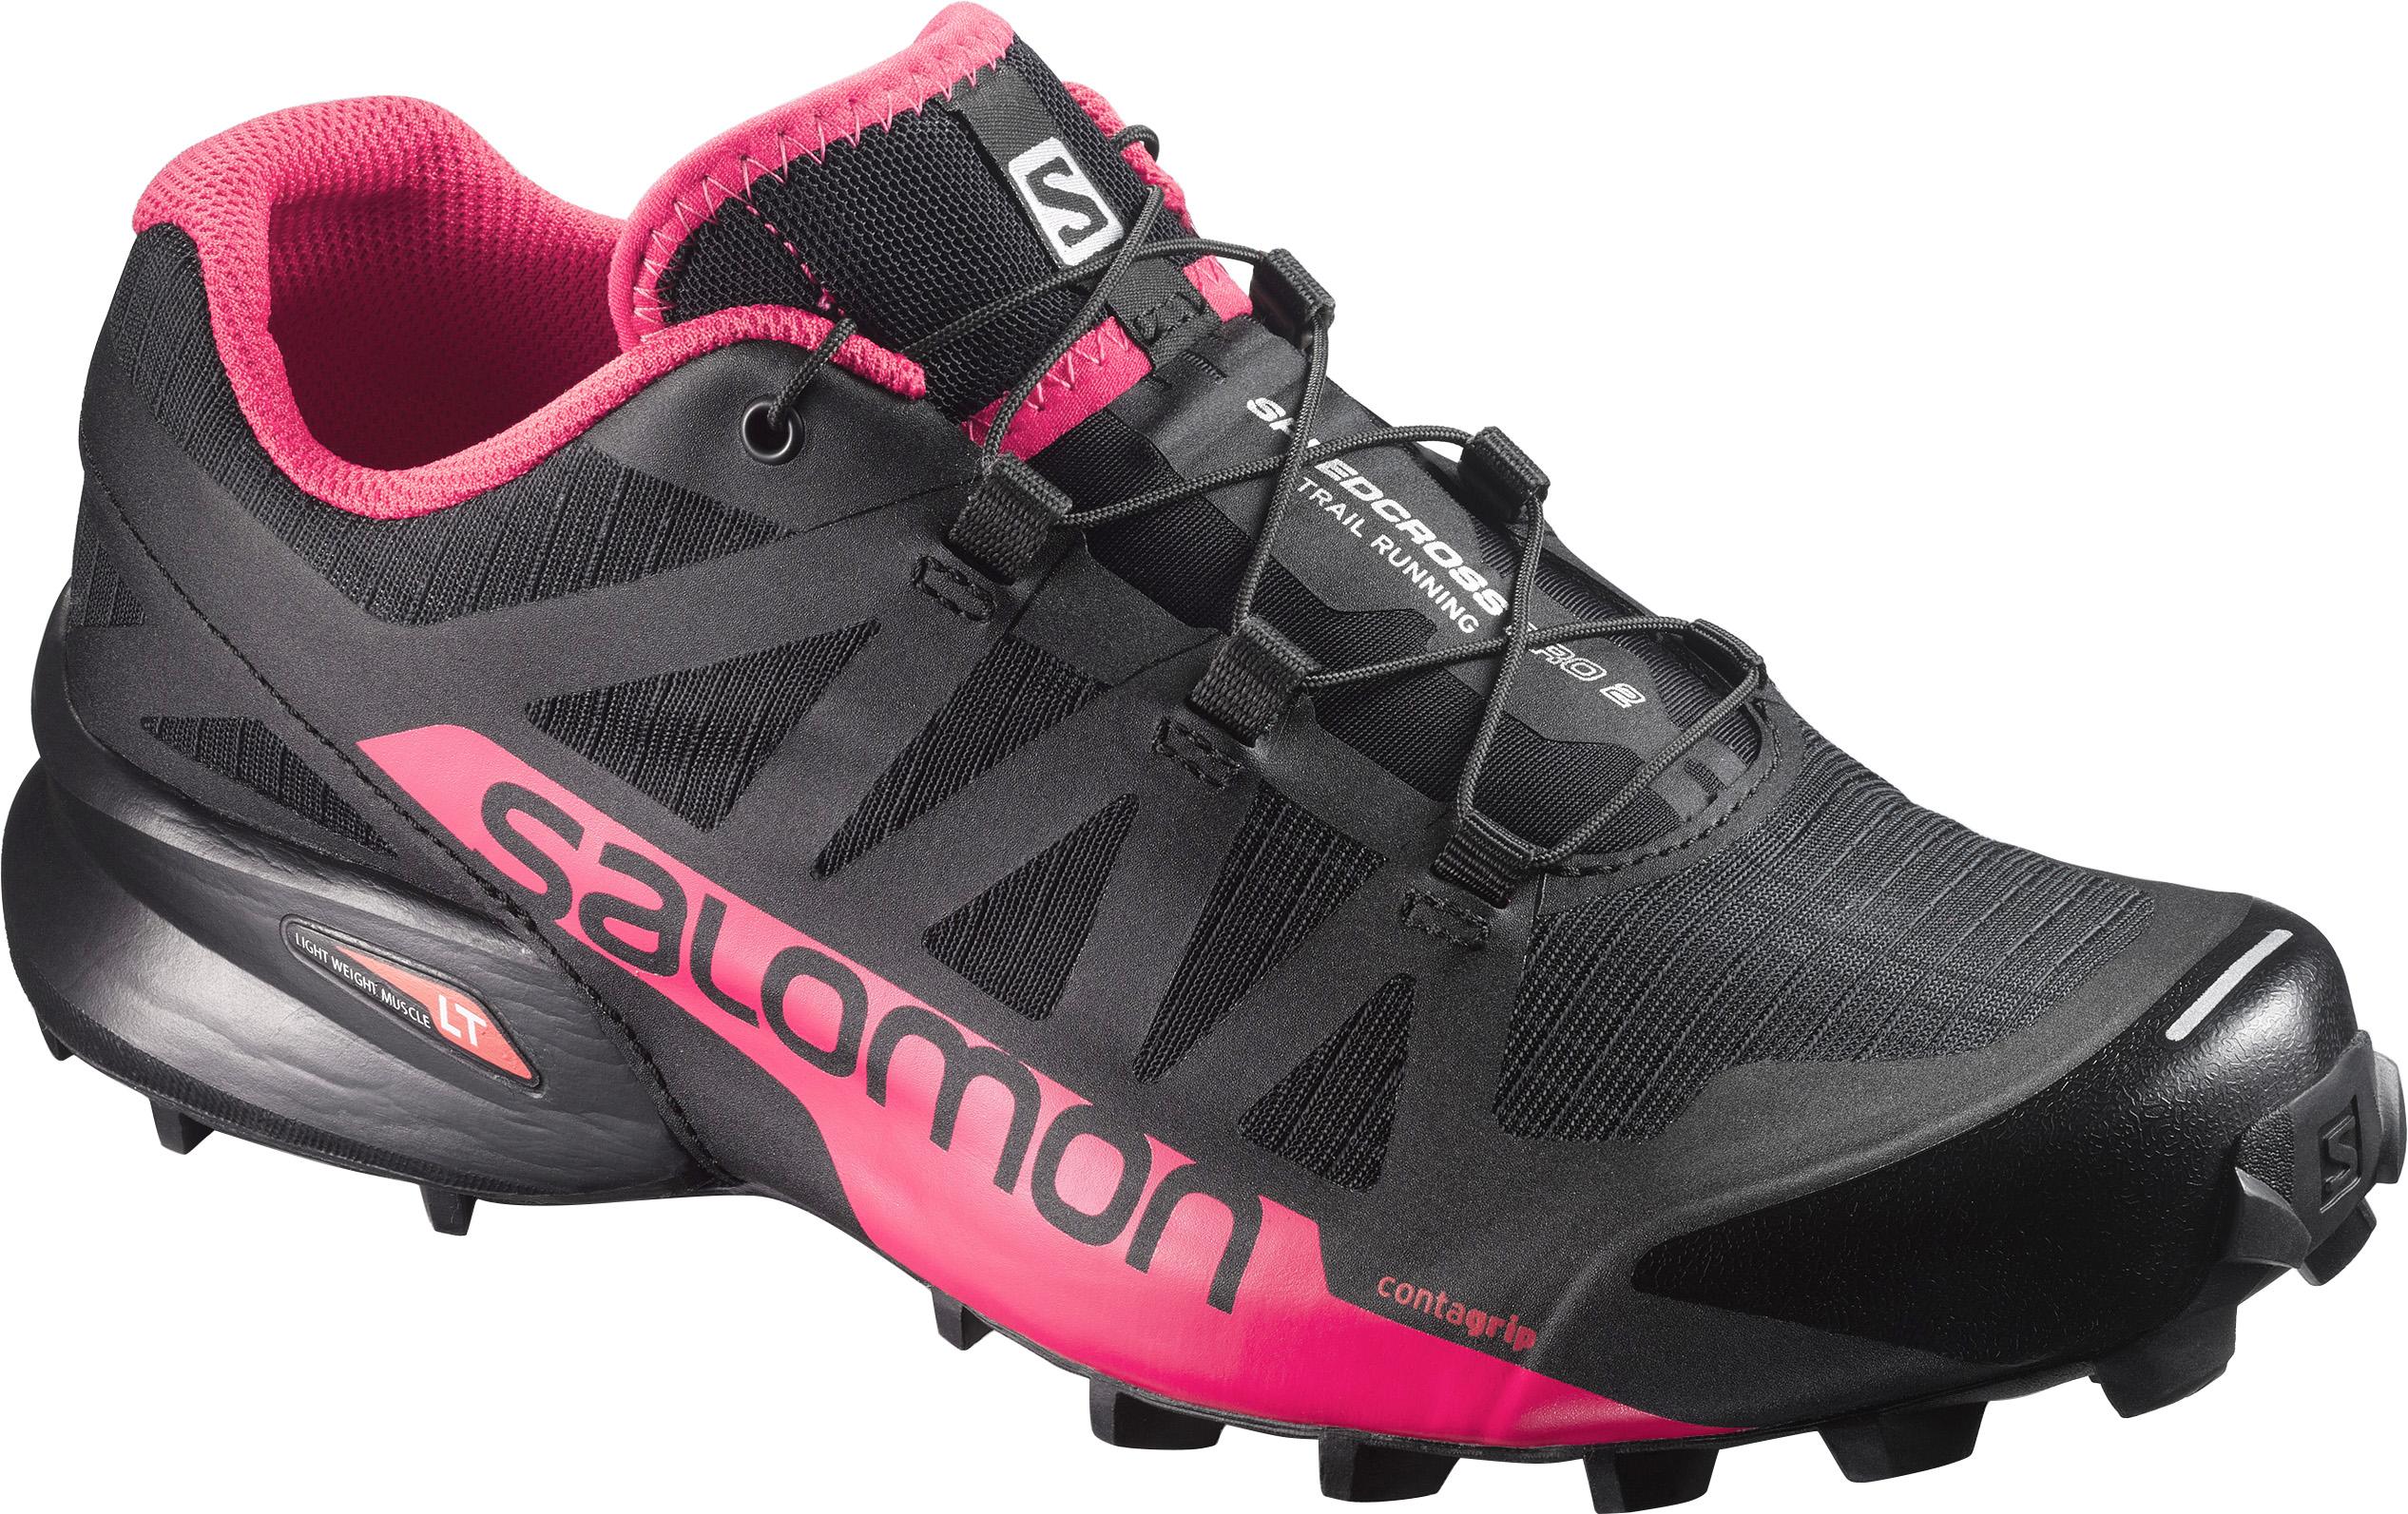 2019 Schuhe Salomon Speedcross PRO Herren Schwarz Weiß